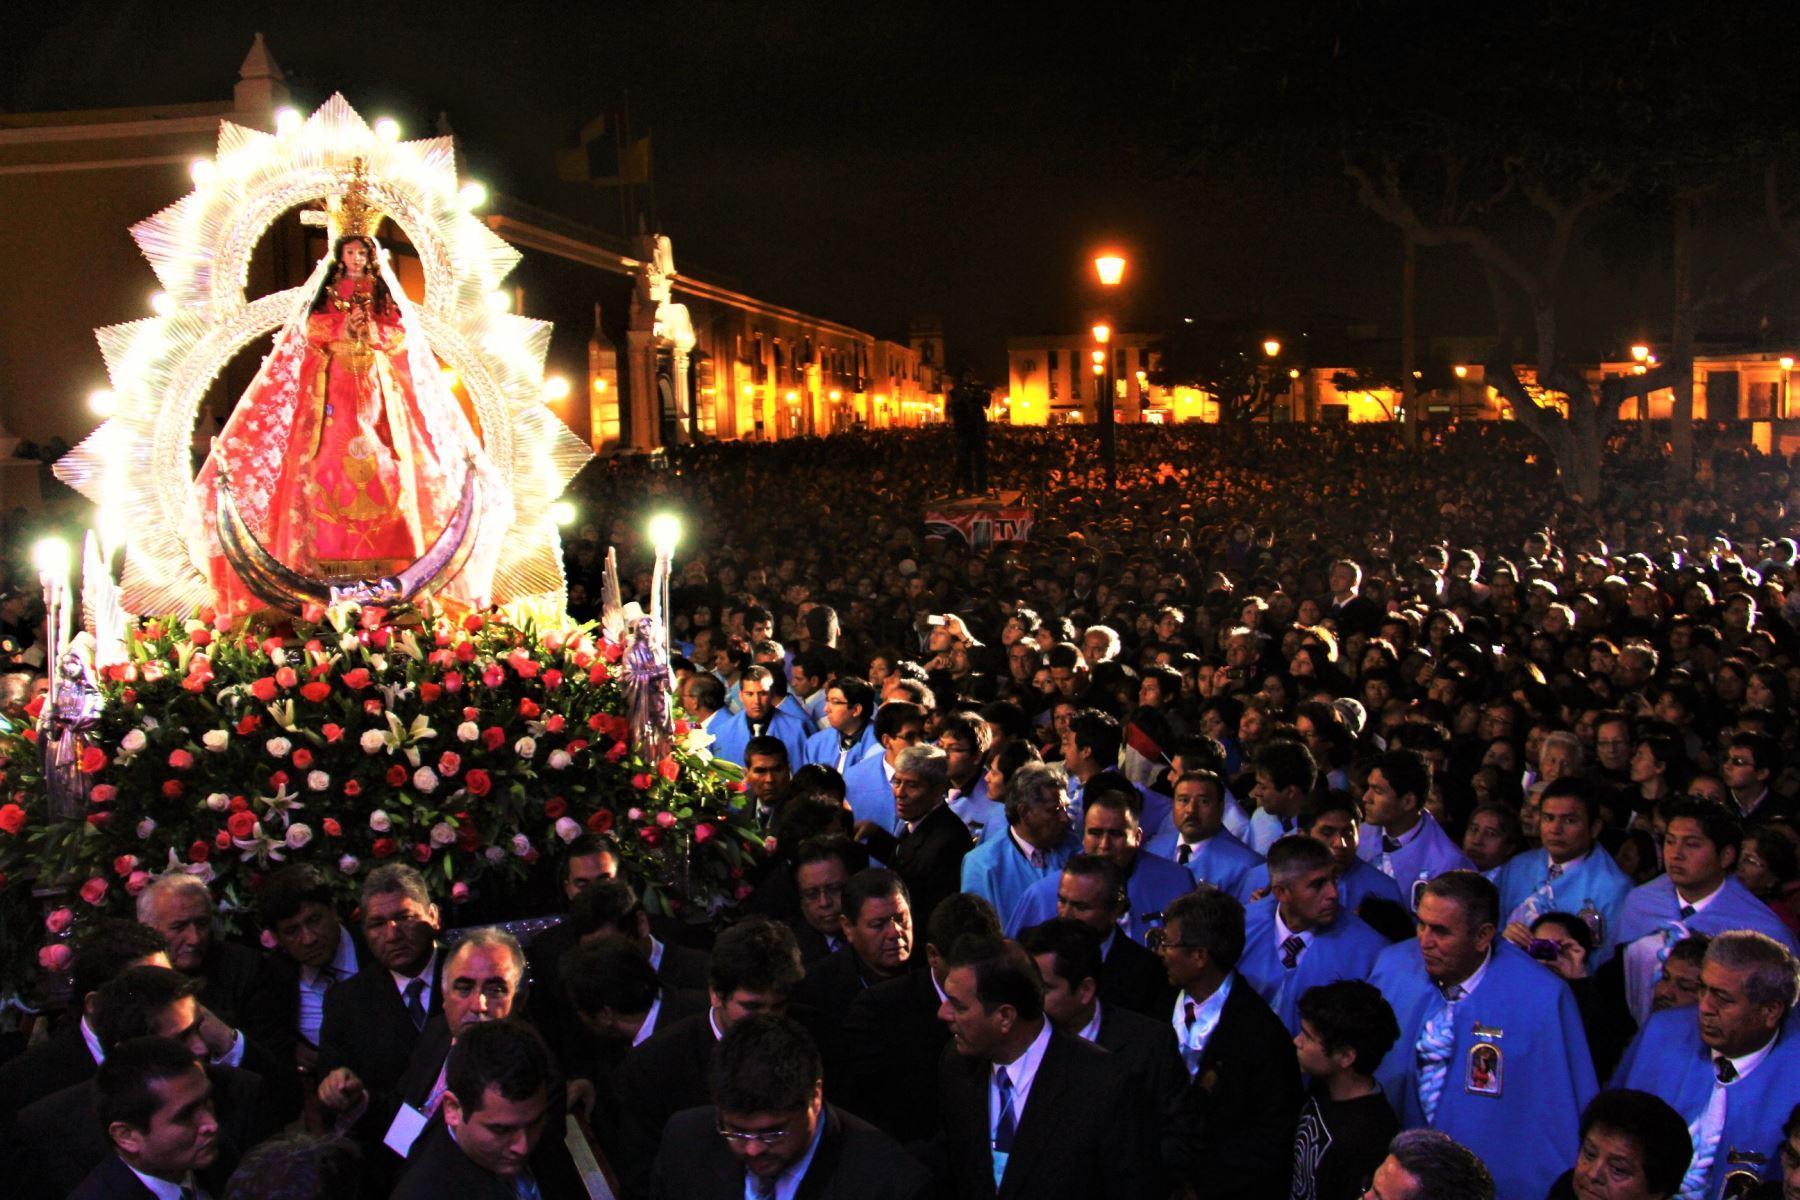 Cada año, miles de personas llegan a la provincia de Otuzco, ubicada a 73 kilómetros de Trujillo, capital de La Libertad, para participar de las actividades religiosas que se realizan por la festividad en su honor.